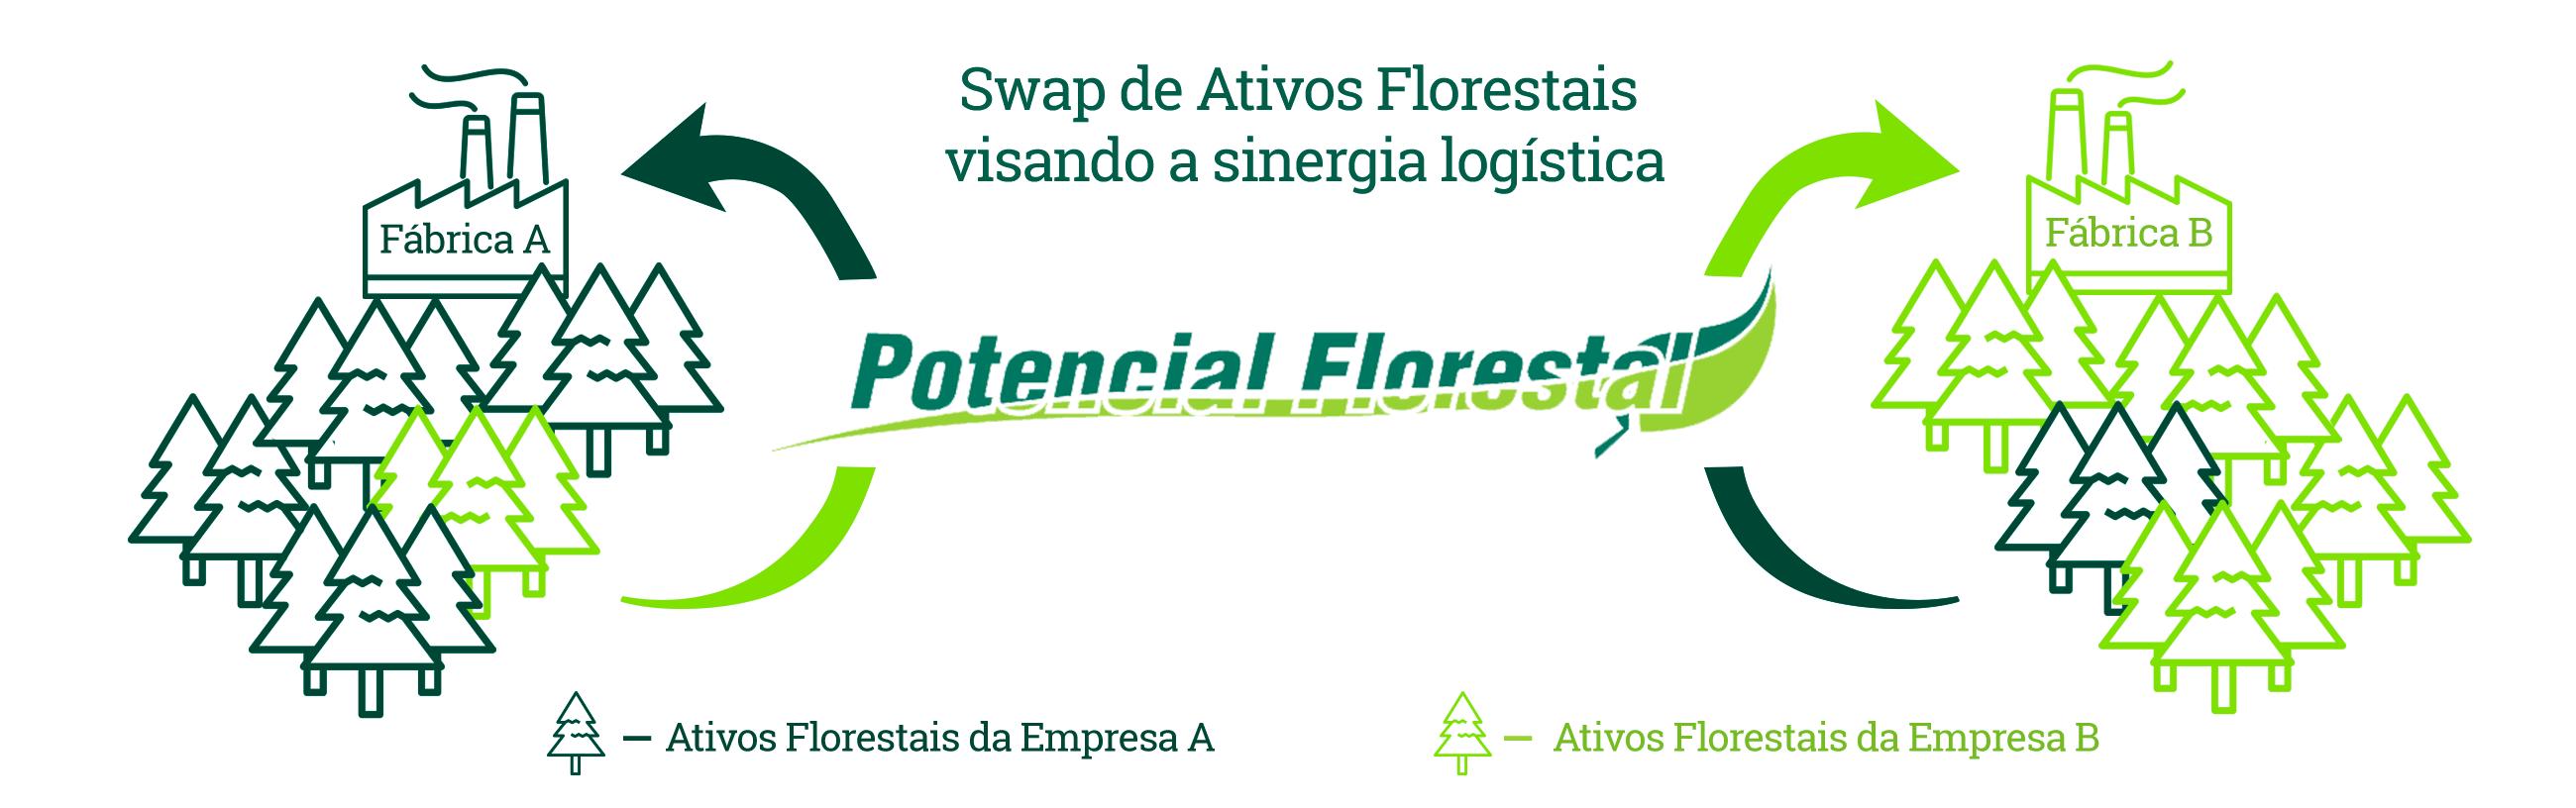 Potencial Florestal swap